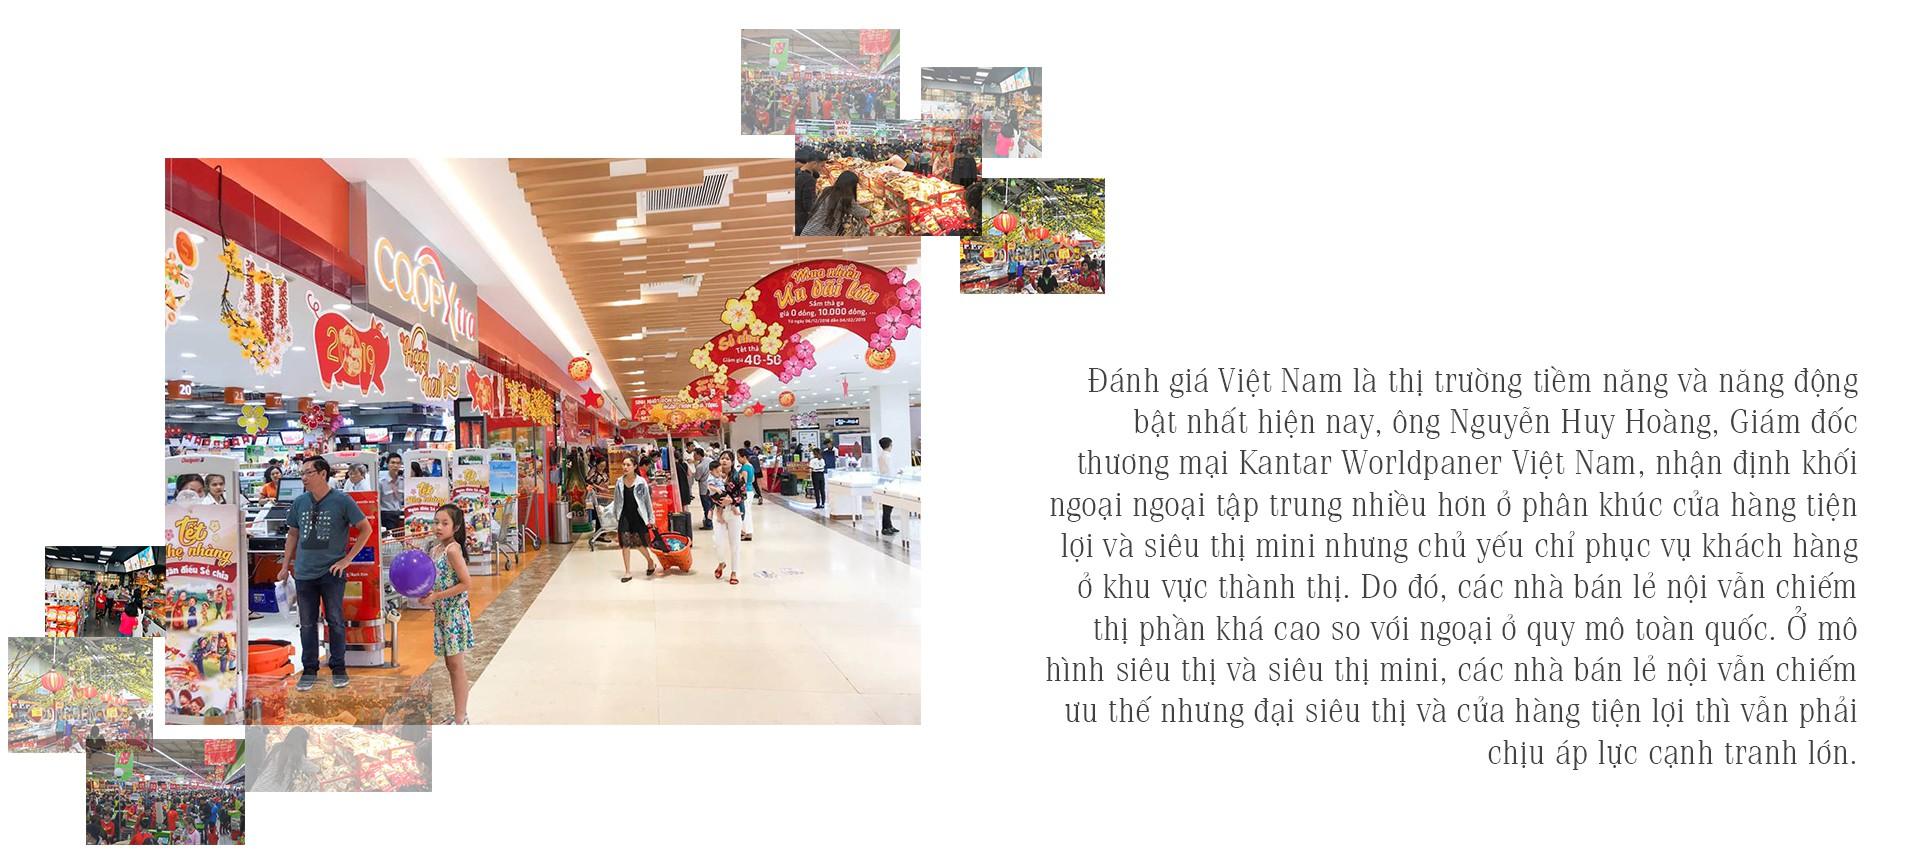 [eMagazine] - Toàn cảnh thị trường bán lẻ Việt Nam: Cuộc chơi chỉ mới bắt đầu! - Ảnh 2.